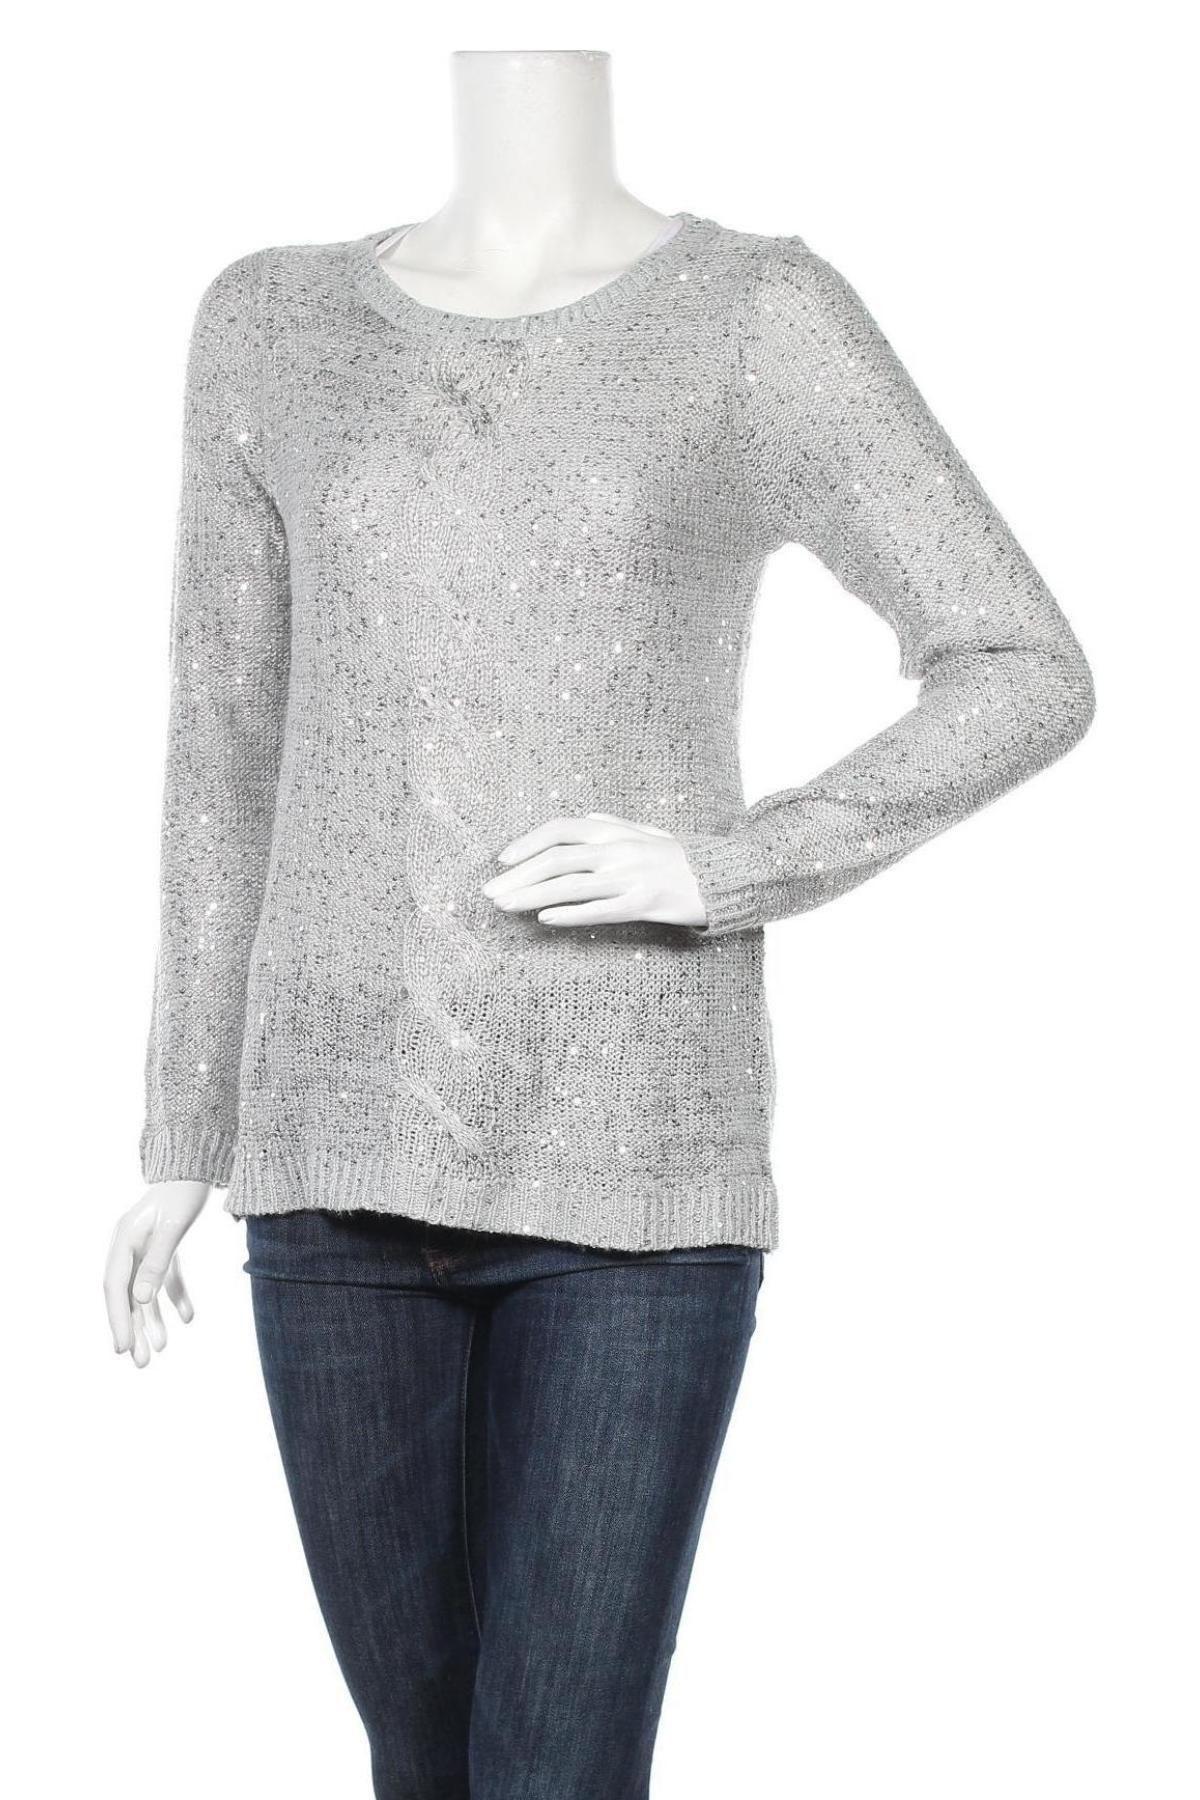 Γυναικείο πουλόβερ Esmara, Μέγεθος S, Χρώμα Γκρί, 66% πολυεστέρας, 34% πολυακρυλικό, Τιμή 17,90€